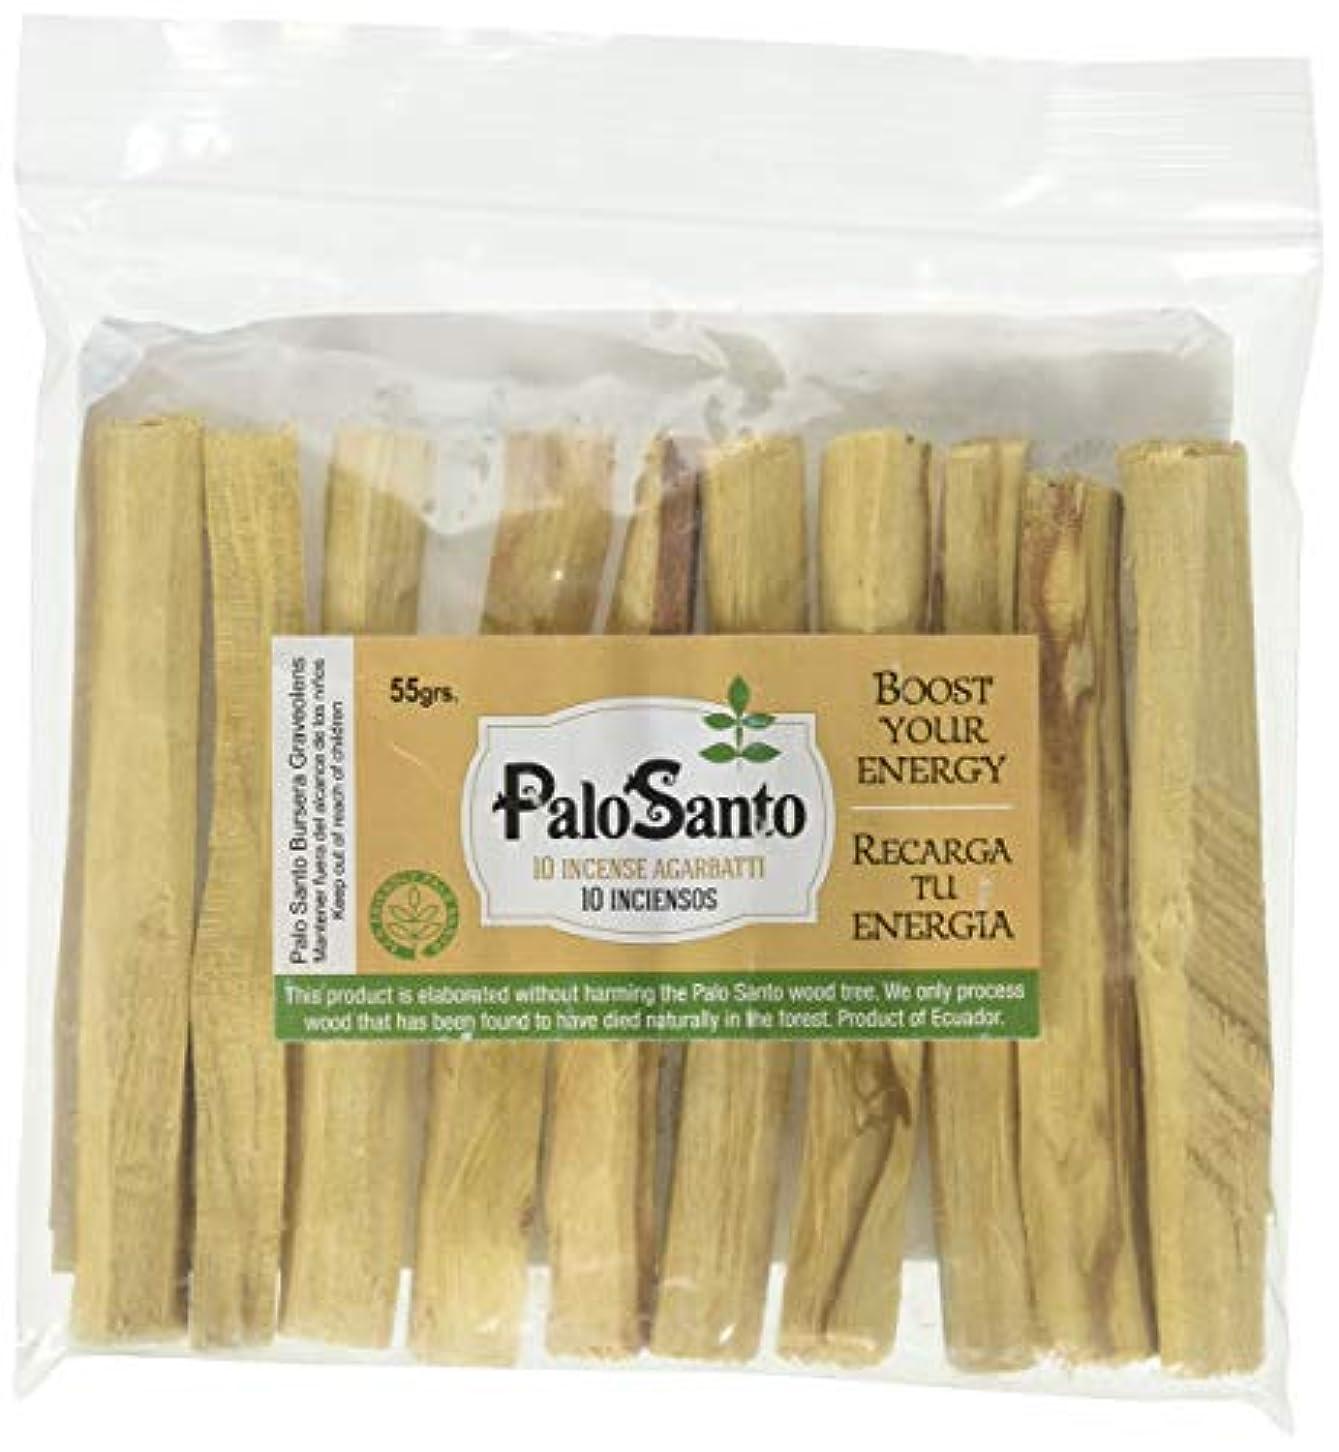 暴露遺伝的我慢するプレミアムAuthenticエクアドルkiln-dried Palo Santo ( Holy Wood ) Insence Sticks ( 10 )、野生の収穫、100 %自然のPurifying、クレンジング、ヒーリング...